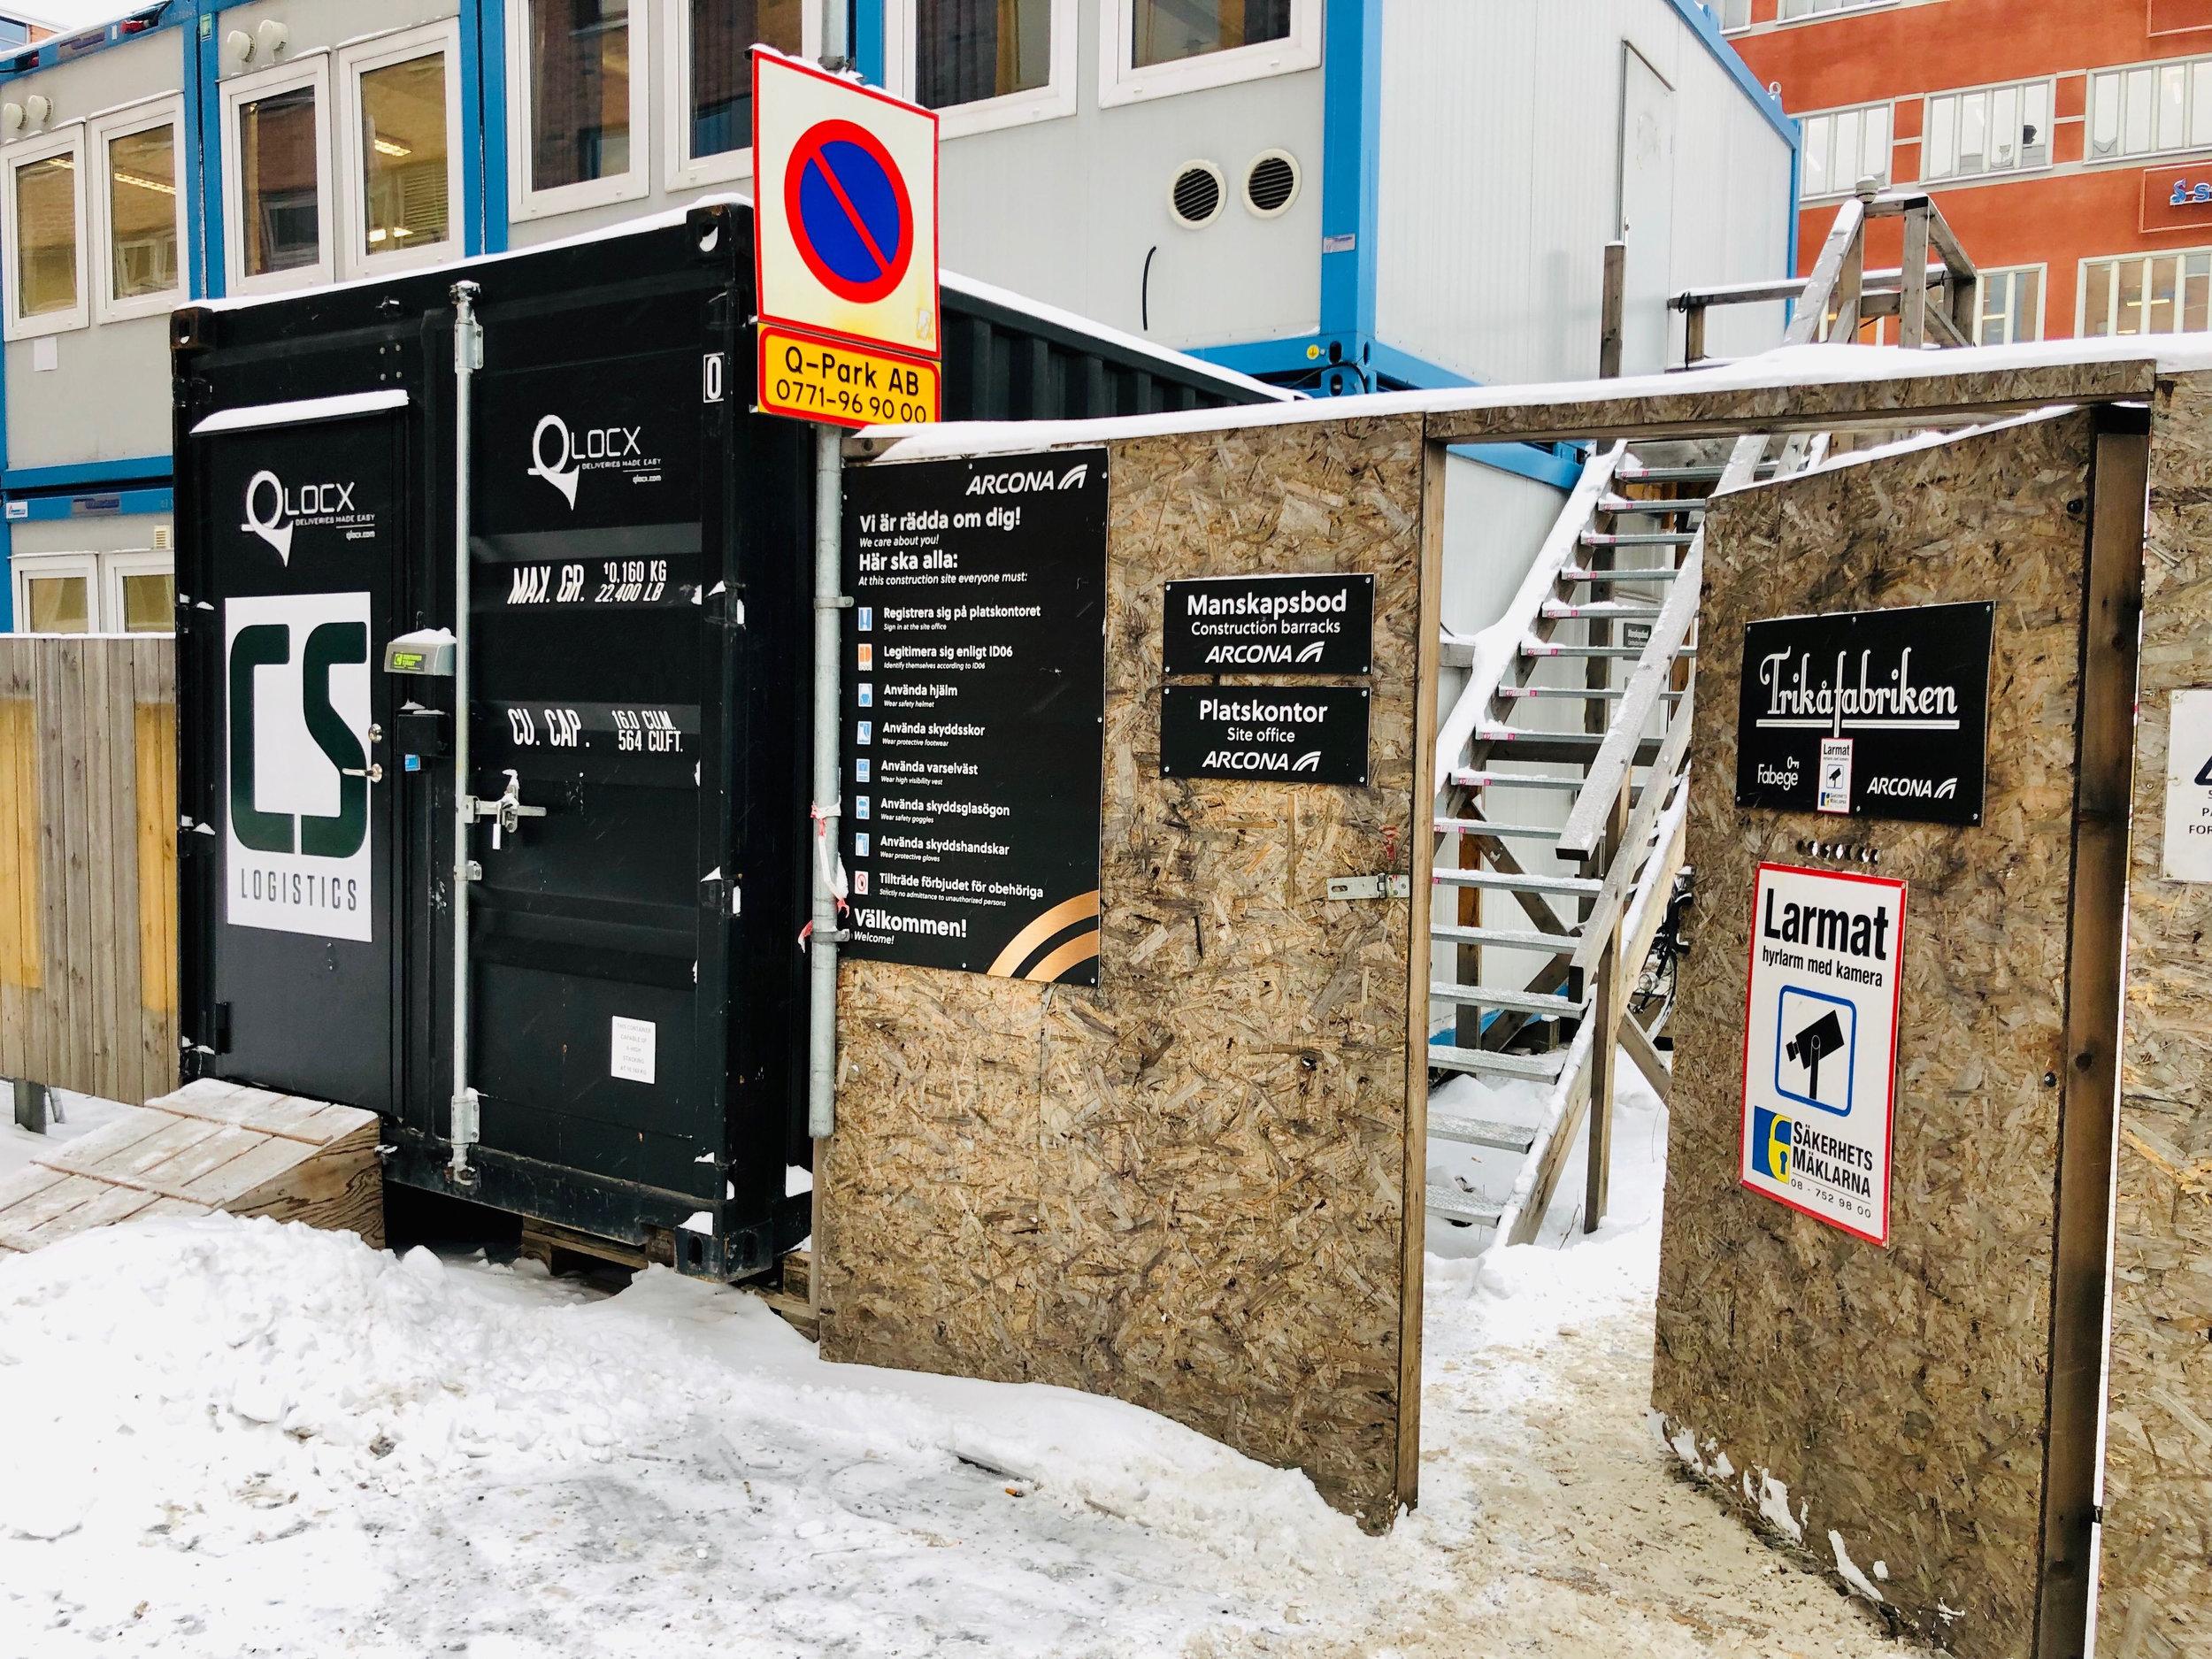 Qlocx leveranscontainer står vid Hammarby Fabriksväg och sedan mars 2018 har 1600 paket levererats dit. Platskontoret med Ingemars kontorshörna syns strax bakom containern.